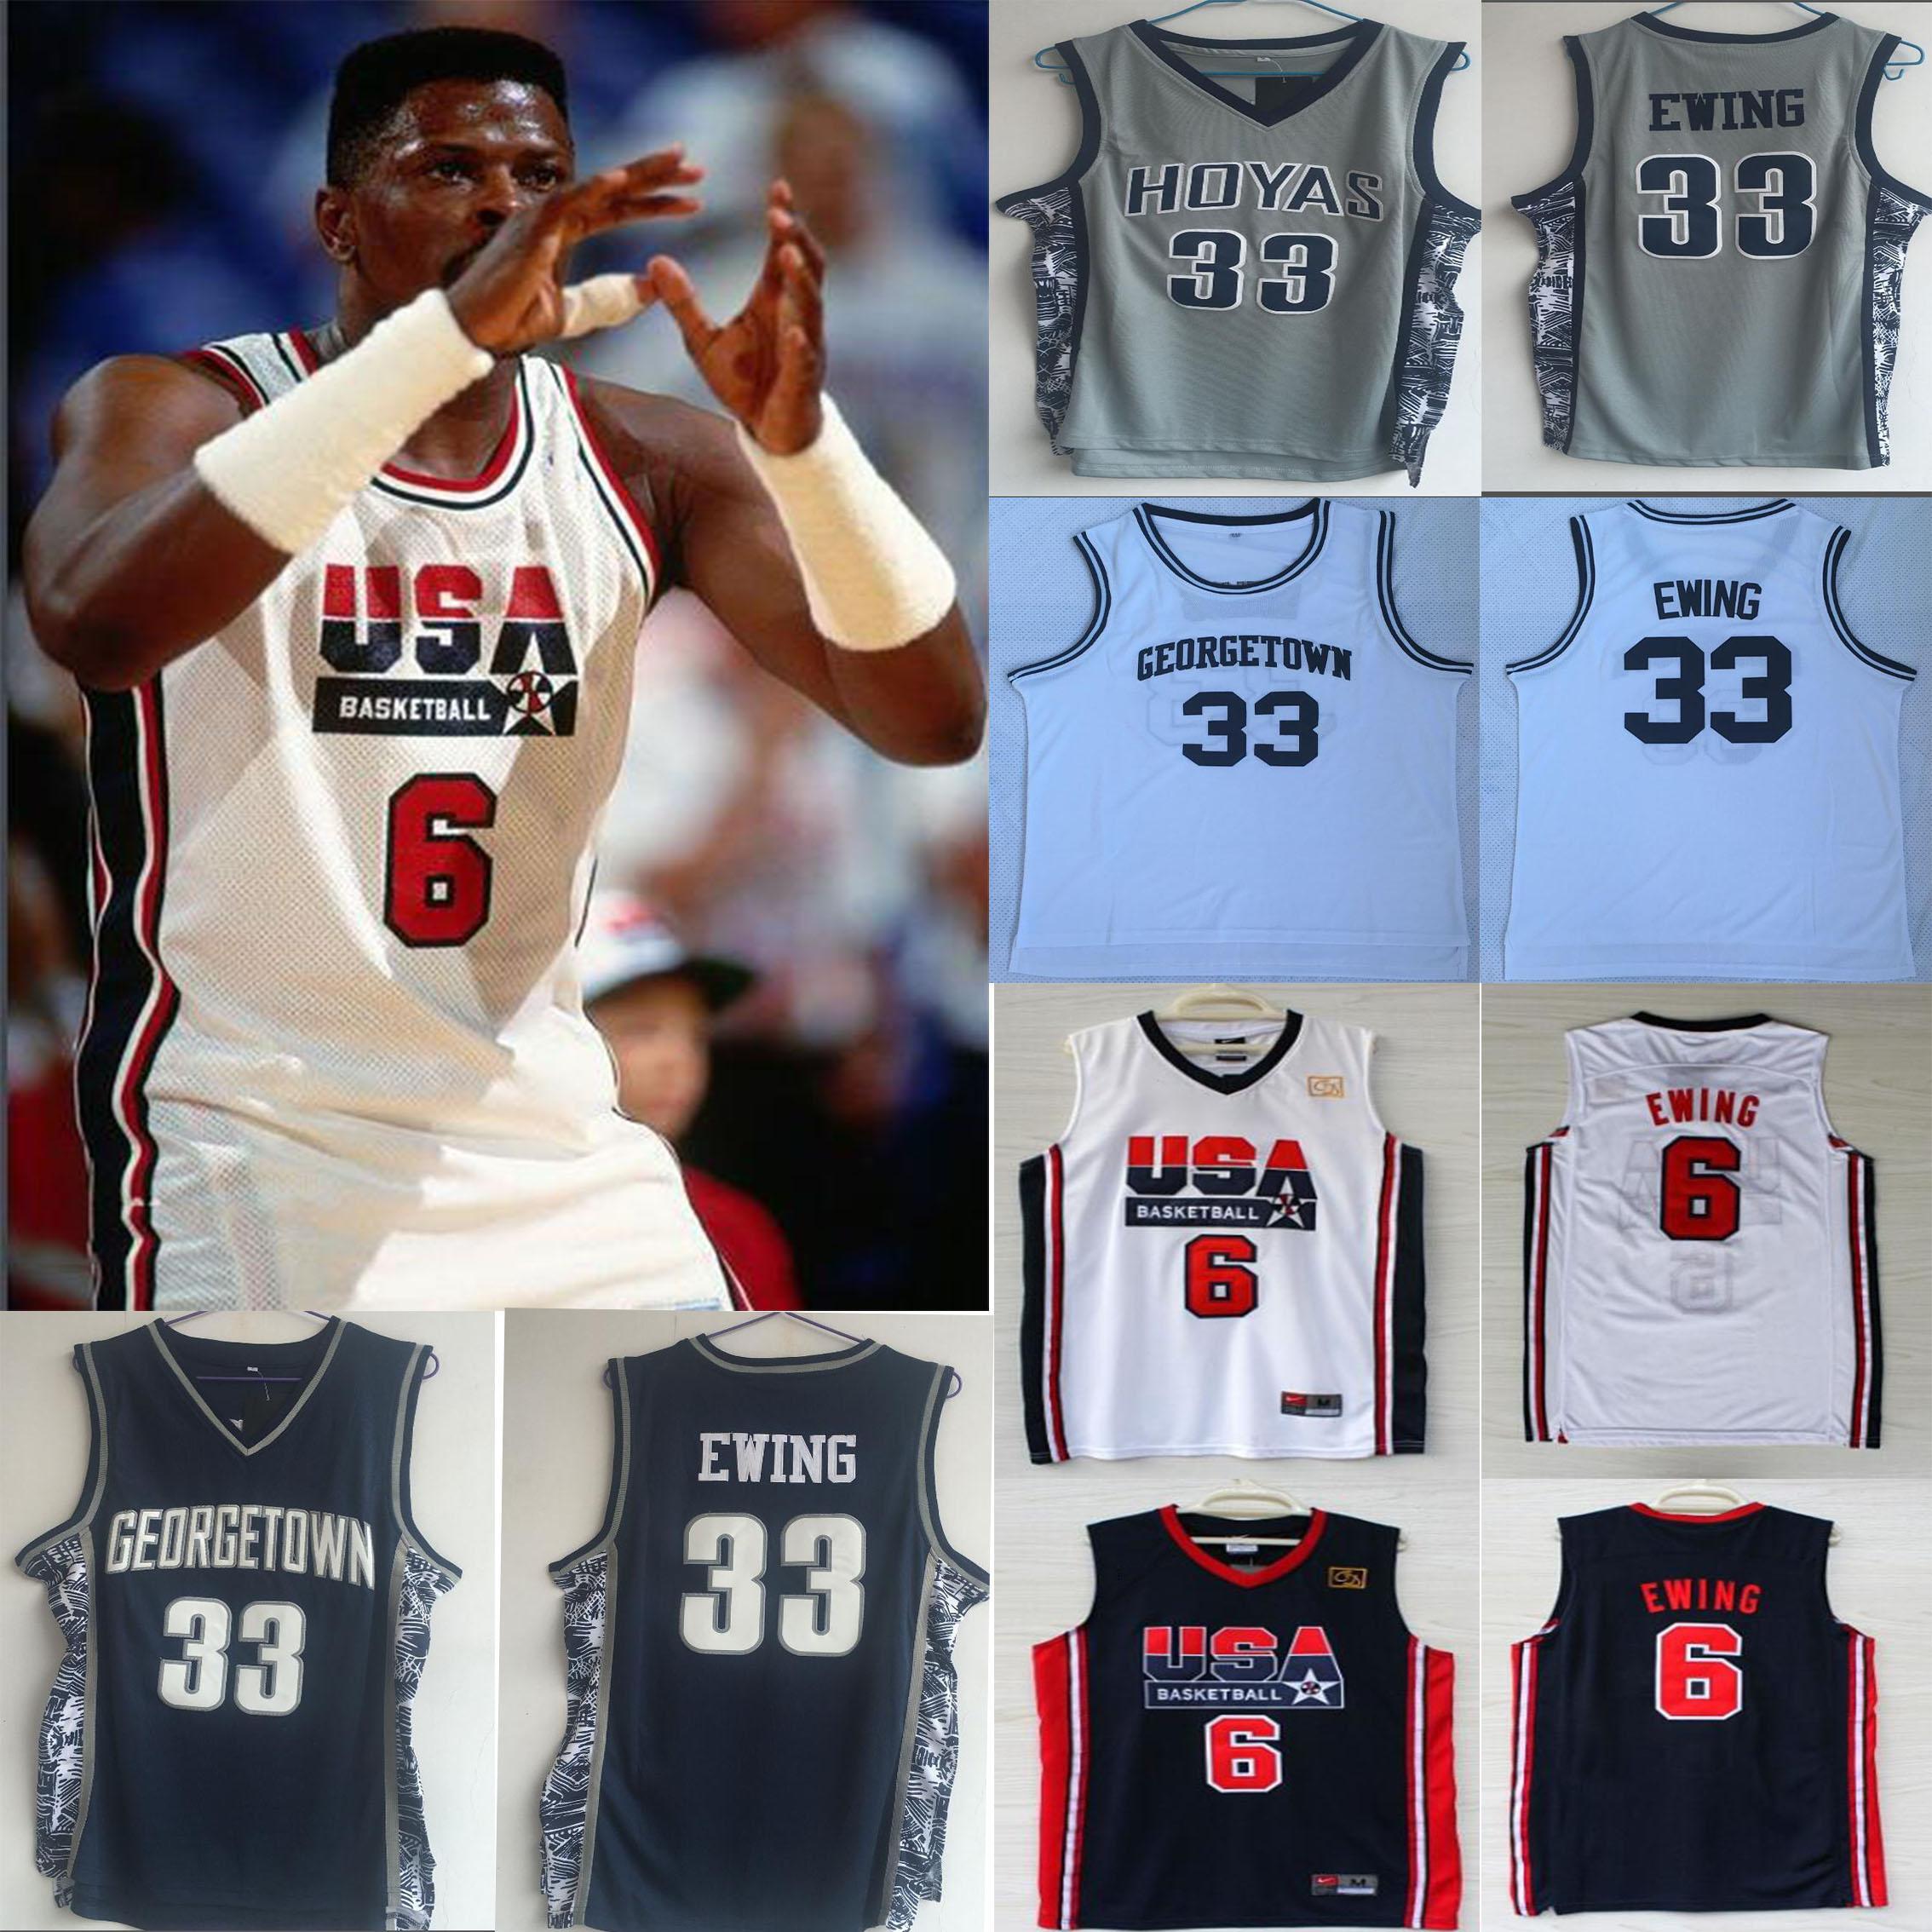 1992 Dream Team EE.UU. estadounidense Patrick Ewing # 6 HOYAS Georgetown Nº 33 Retro cosido camisas jerseys tamaño S-XXL de la caída